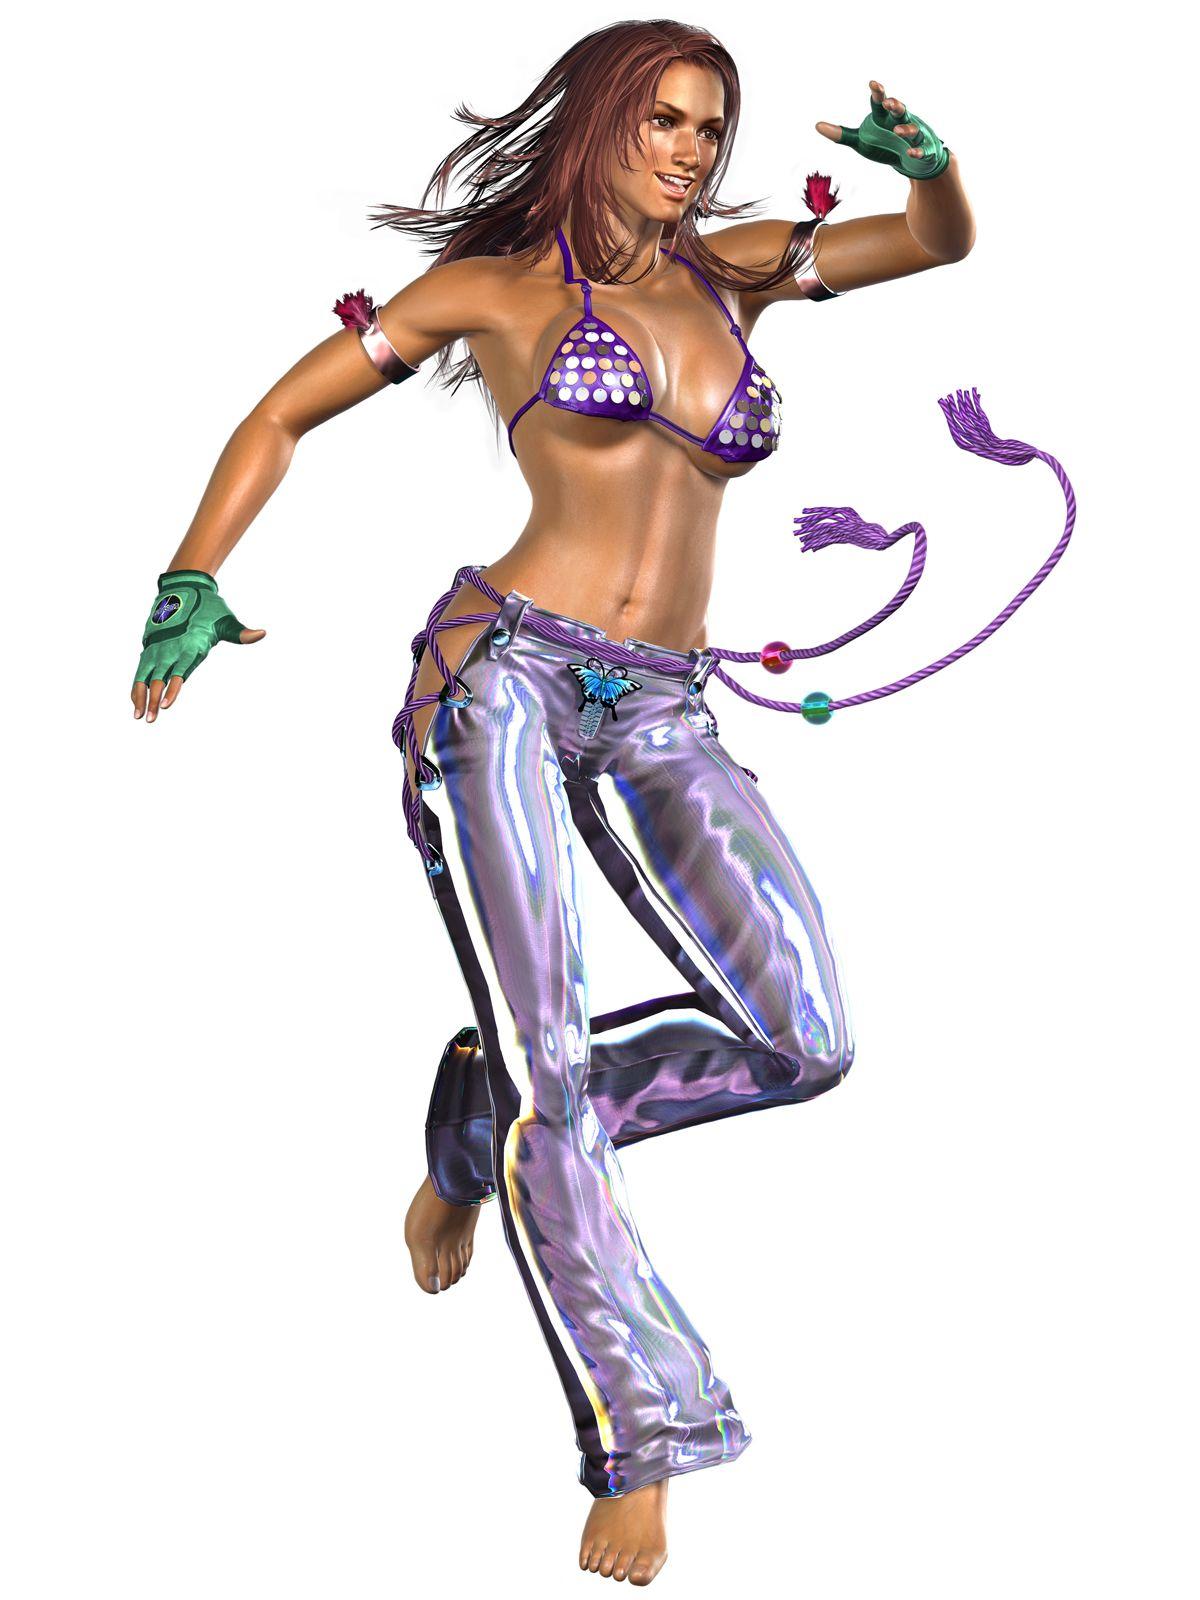 Christie Monteiro Tekken 4 Render Tekken Cosplay Tekken 4 Video Games Girls